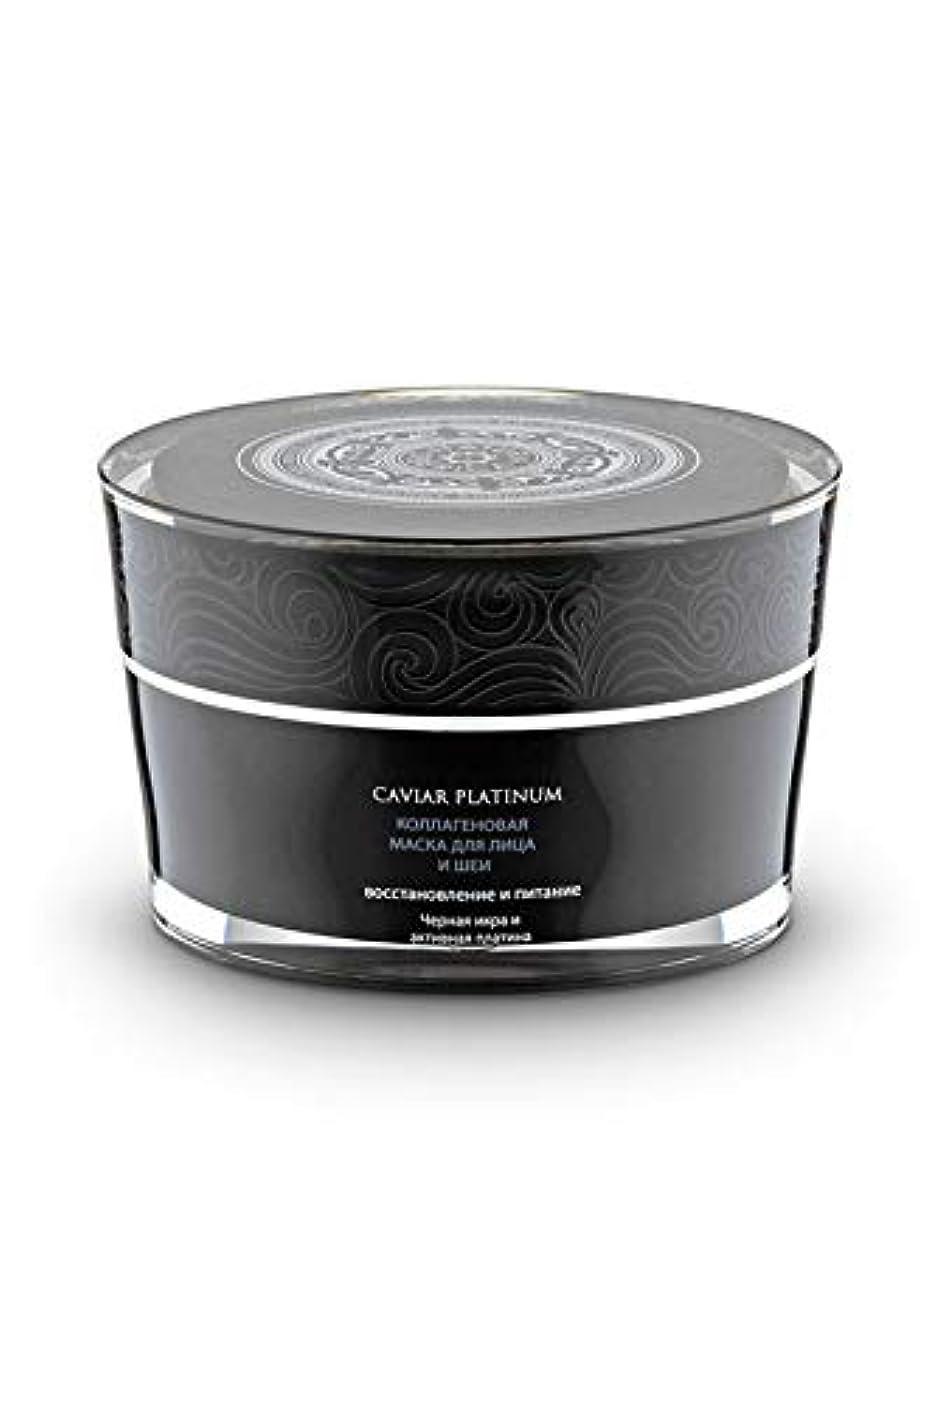 内なるプロテスタント禁止するナチュラシベリカ キャビア プラチナ Caviar Platinum コラーゲンフェイス&ネック マスククリーム 50ml